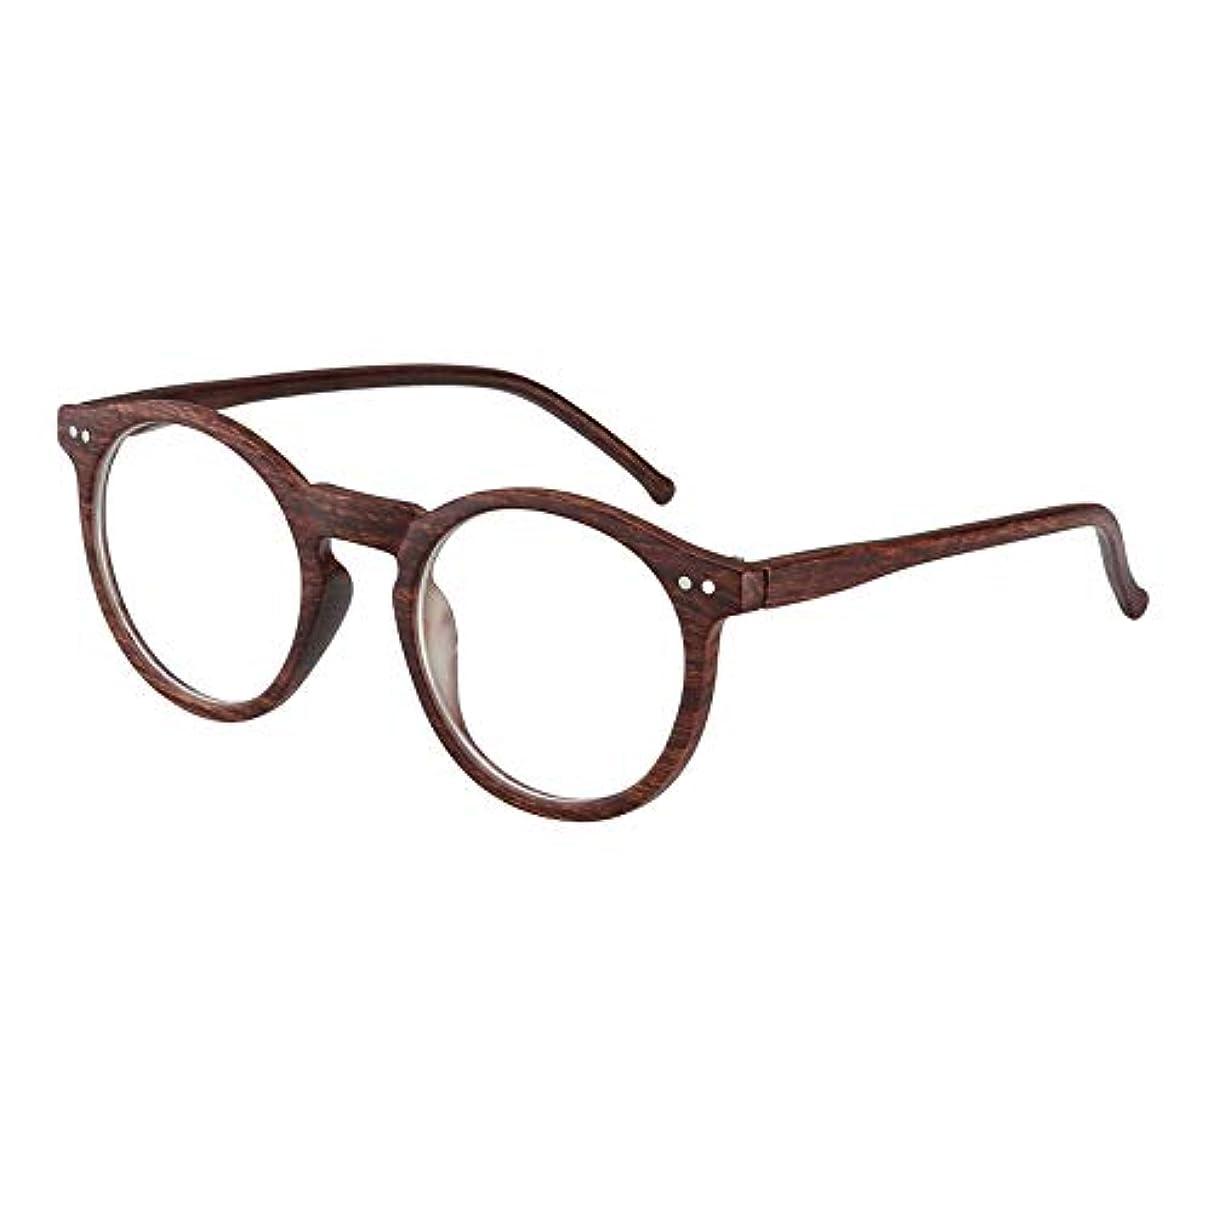 抗疲労老眼鏡、屋外変色防止放射線レトロサングラス、模造木目HD抗UV老眼鏡、両親の最高の贈り物ZDDAB